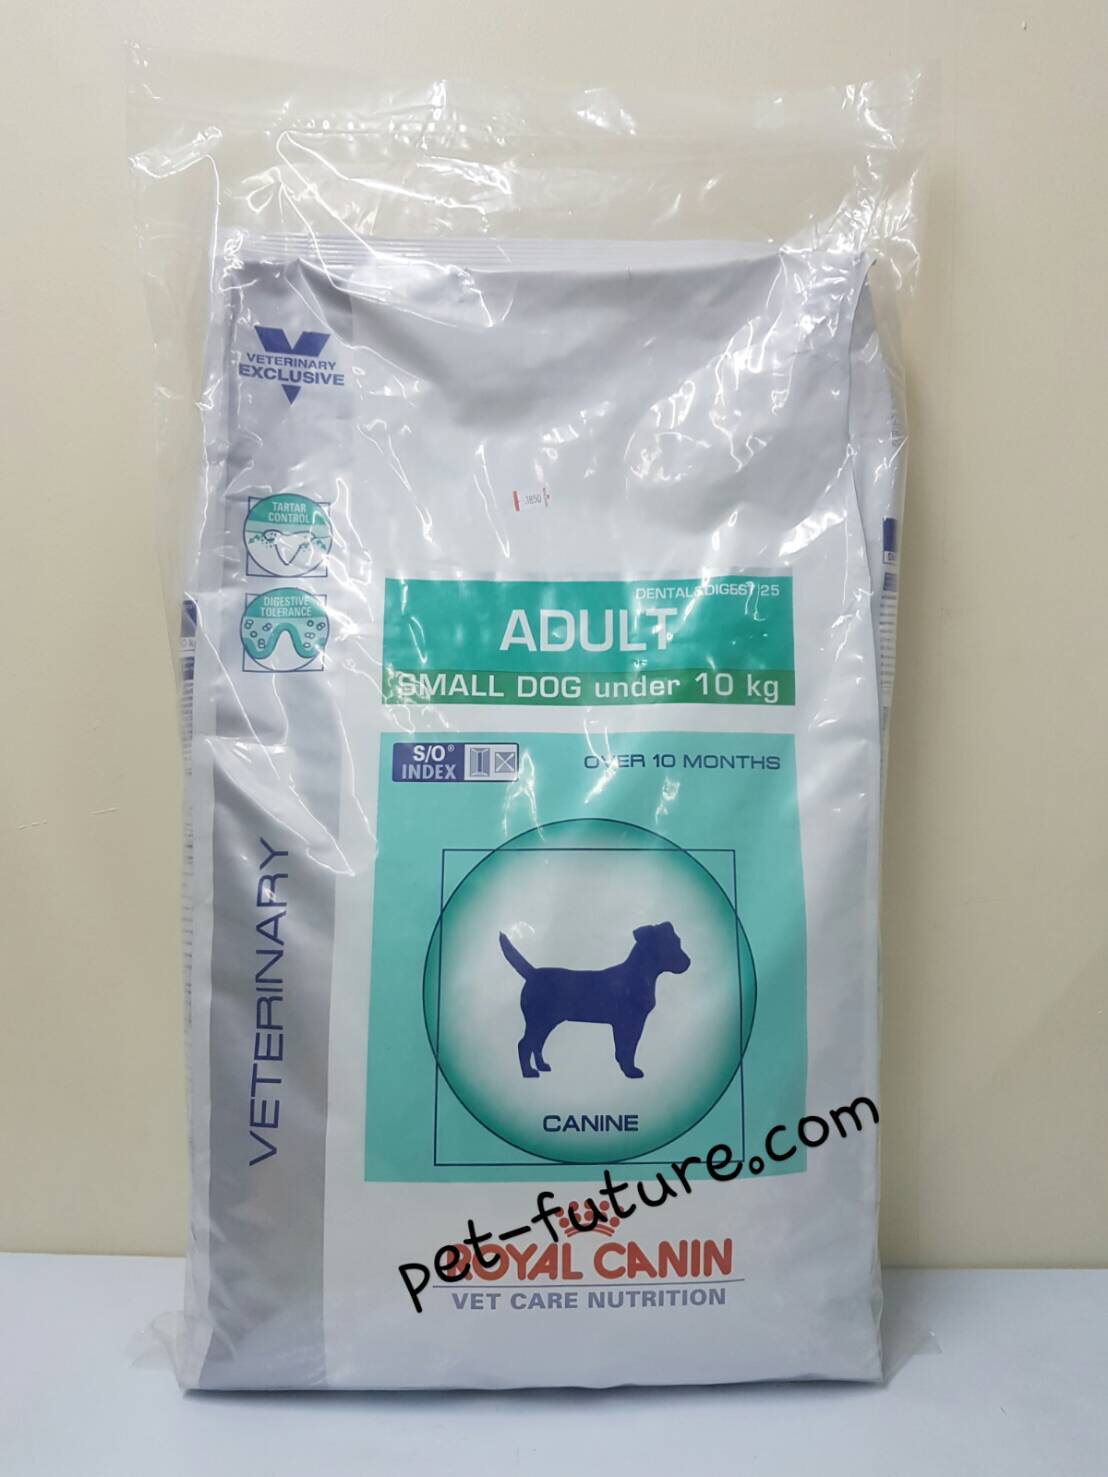 vcn adult small dog 8 kg. สำหรับสุนัขพันธ์เล็กอายุ 10เดือนถึง 8 ปี หมดอายุ 08/18 (มีของพร้อมส่งค่ะ)